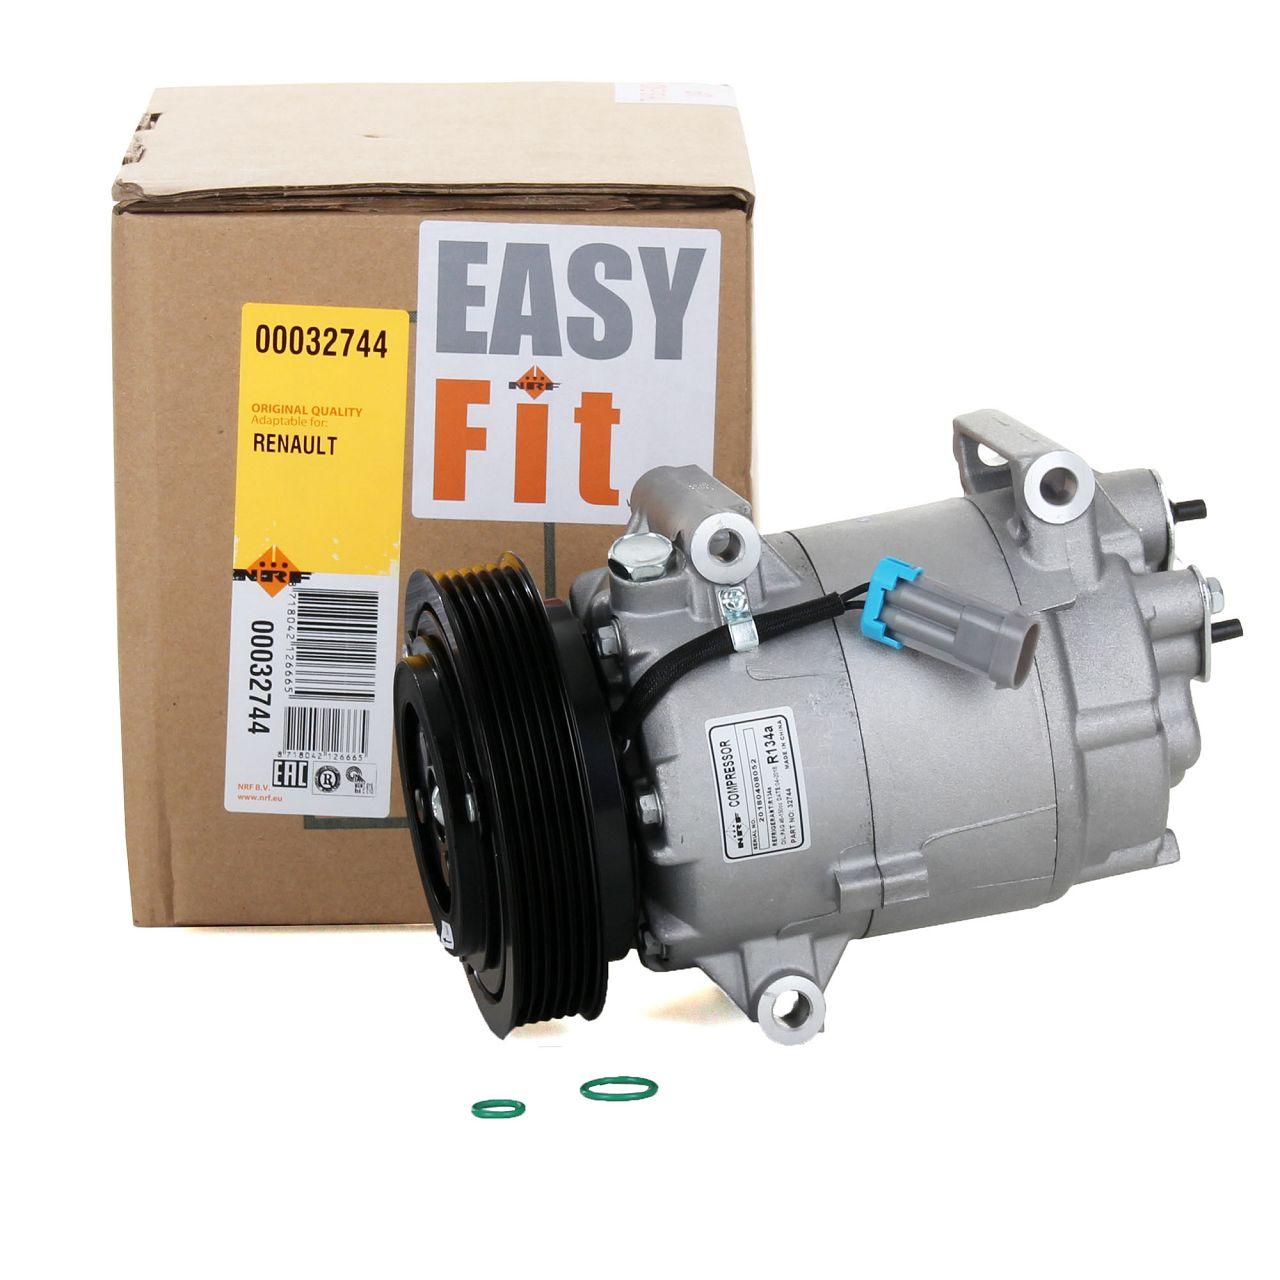 NRF 32744 Kompressor Klimaanlage EASY FIT für RENAULT CLIO 3 KANGOO TWINGO 2